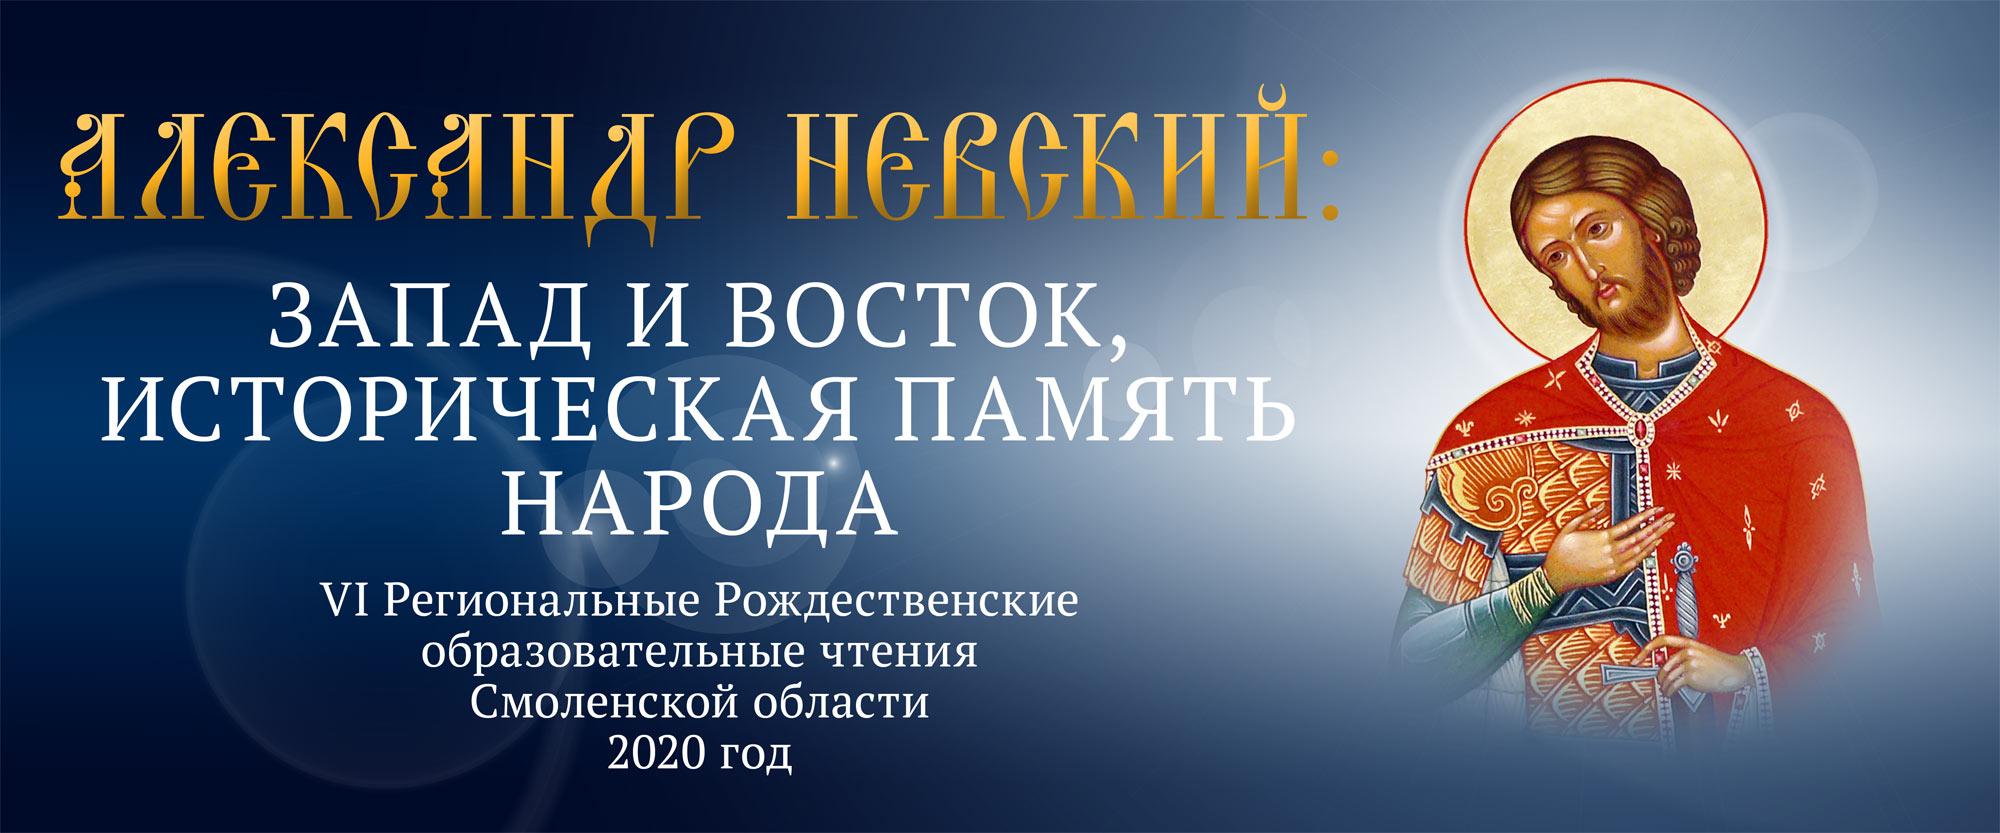 «Александр Невский: Запад и Восток, историческая память народа»